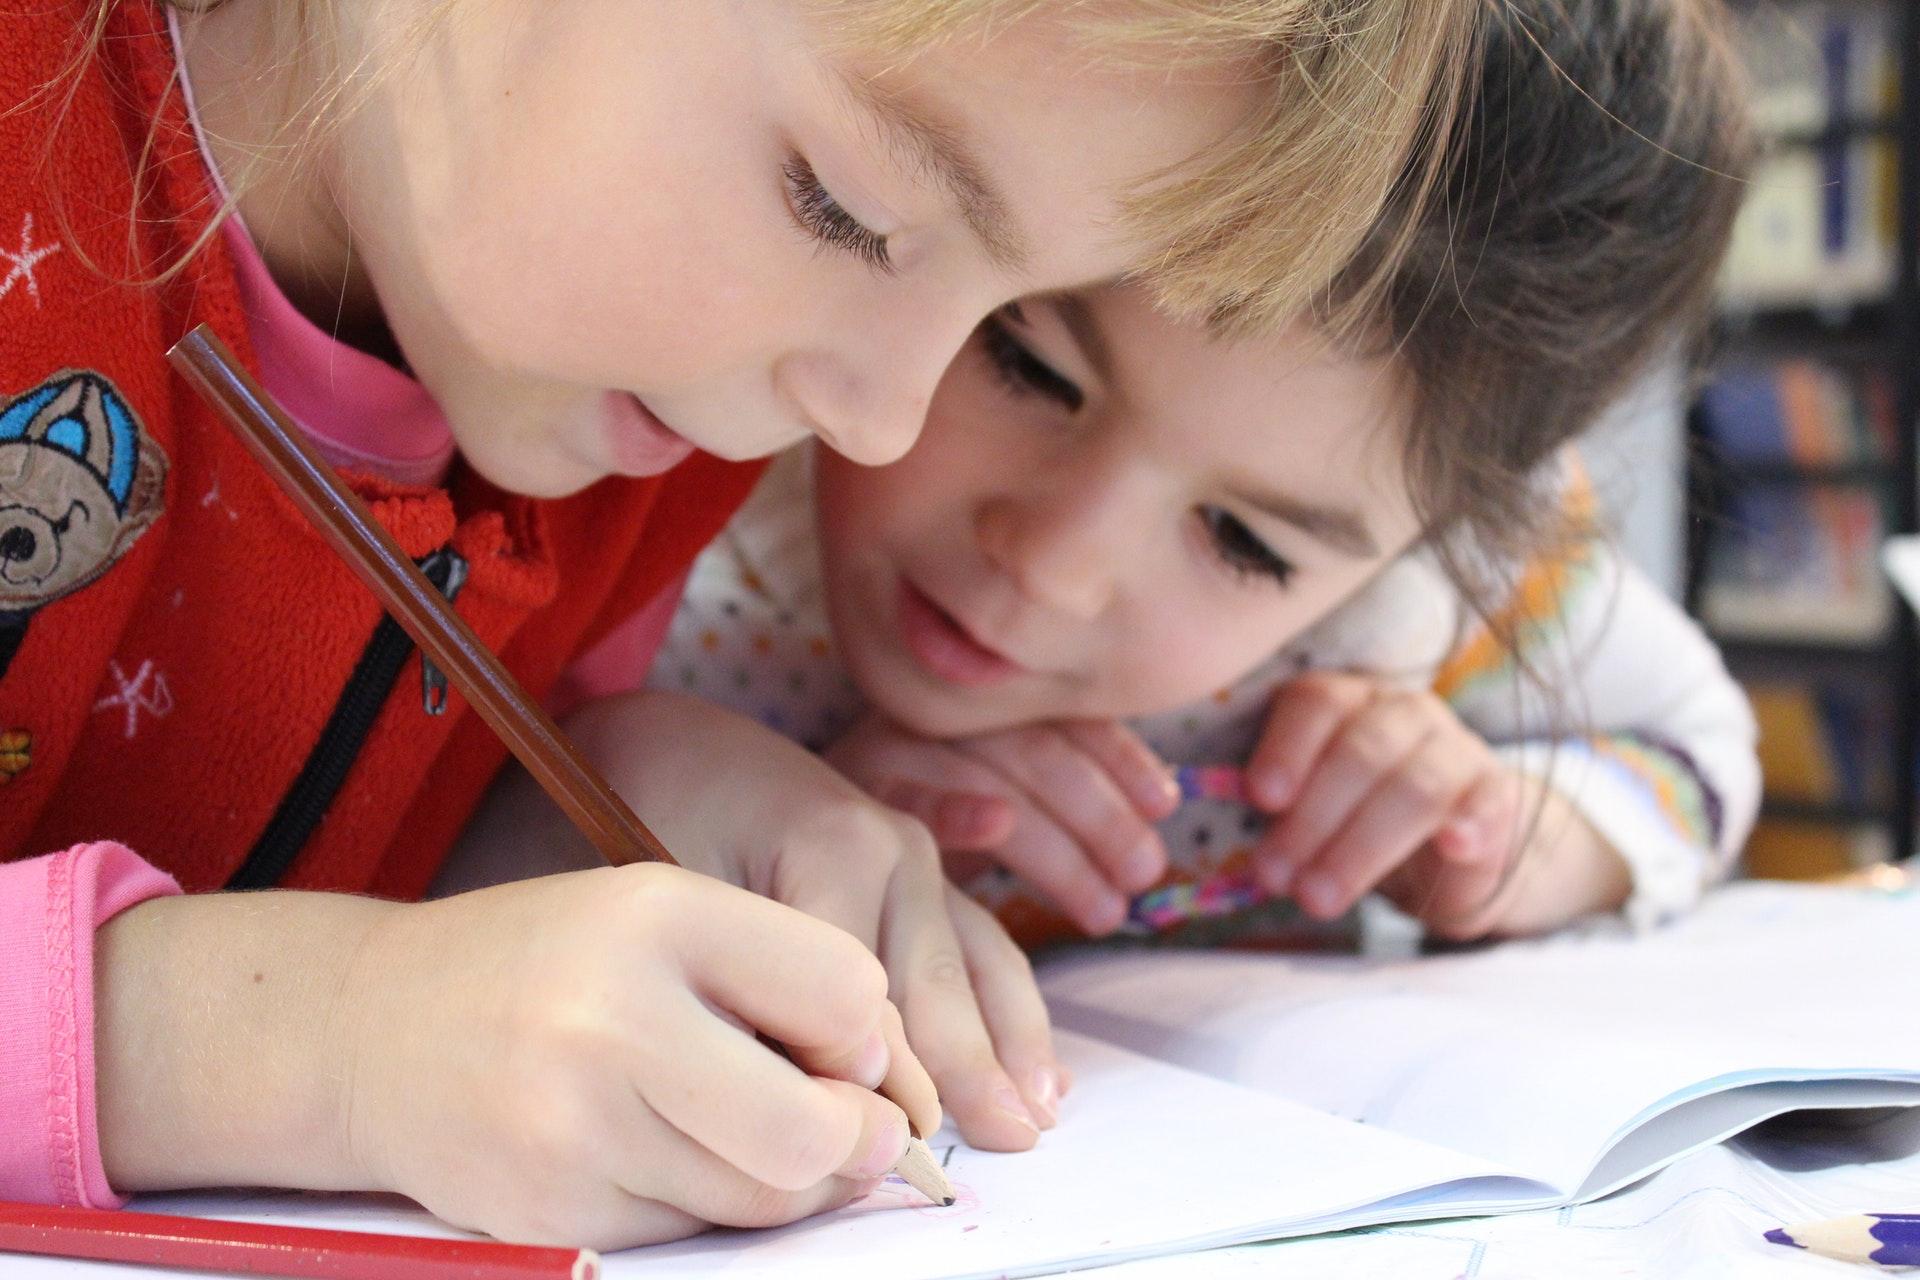 Universalização da educação infantil em Campinas